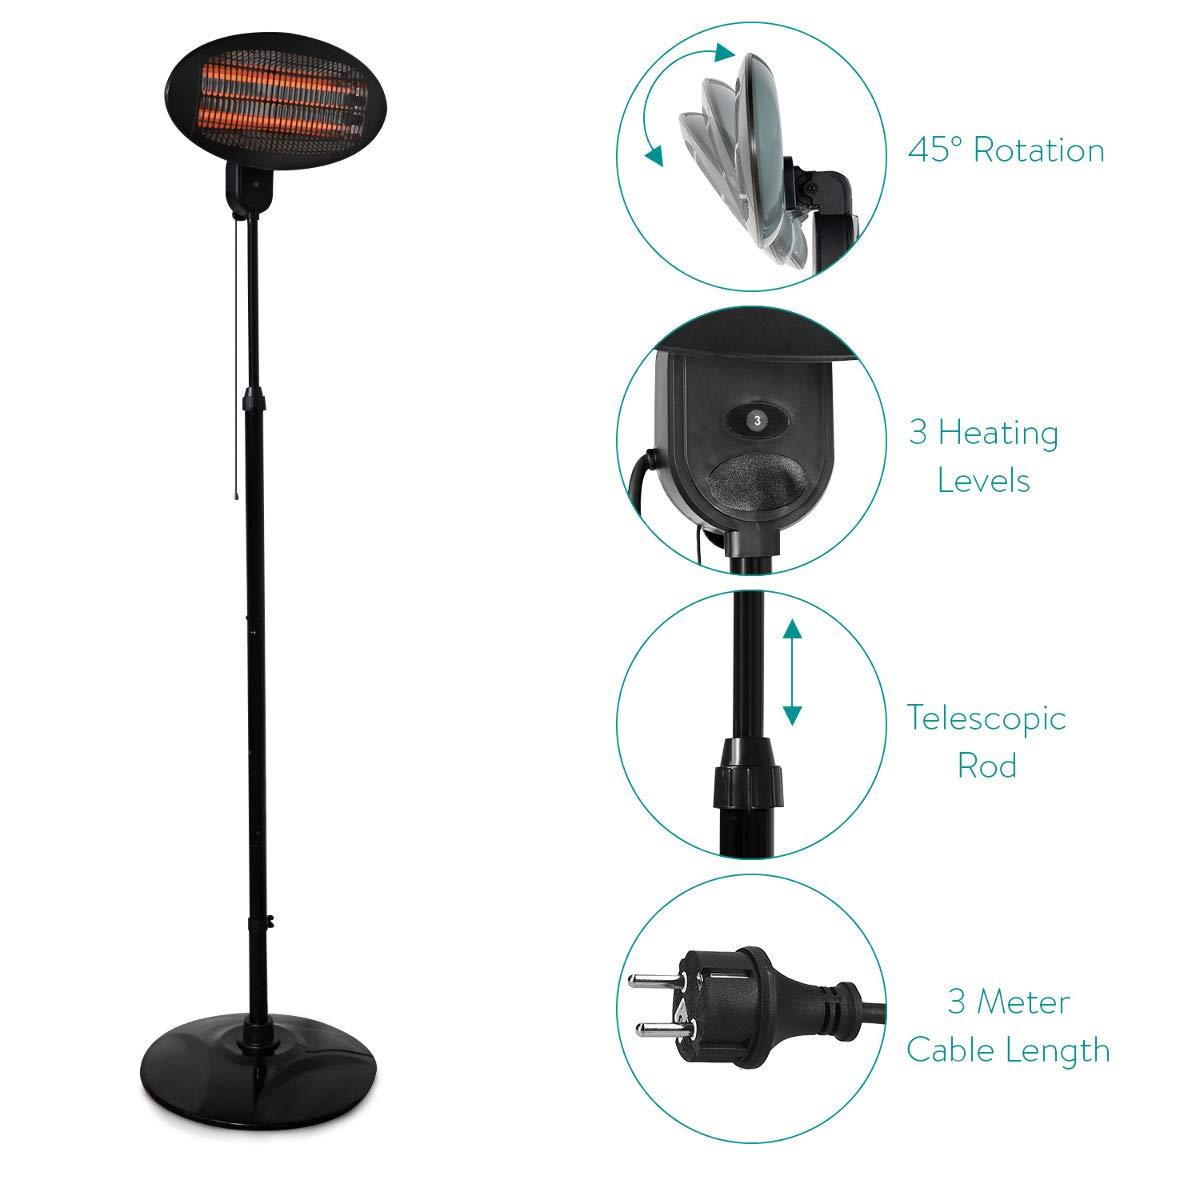 Navaris Estufa eléctrica con Soporte - Calentador de 3 Niveles para Cambiador de bebés - Estufa de Pared automática de Color Negro: Amazon.es: Hogar